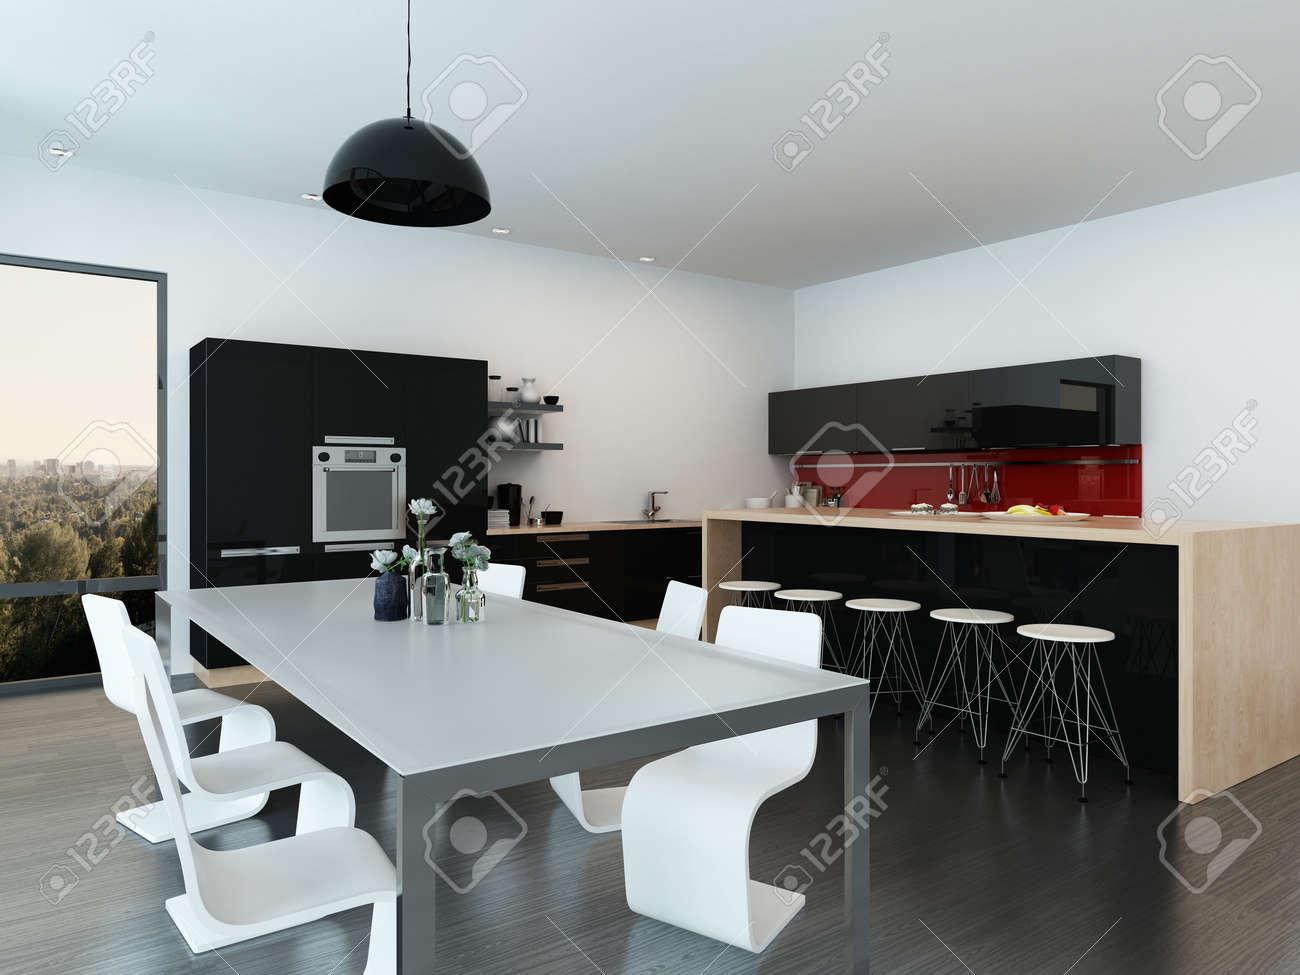 Quelle Chaise Haute Pour Ilot Central ~ Appartement Int Rieur D Cloisonn Moderne Avec Une Table L Gante